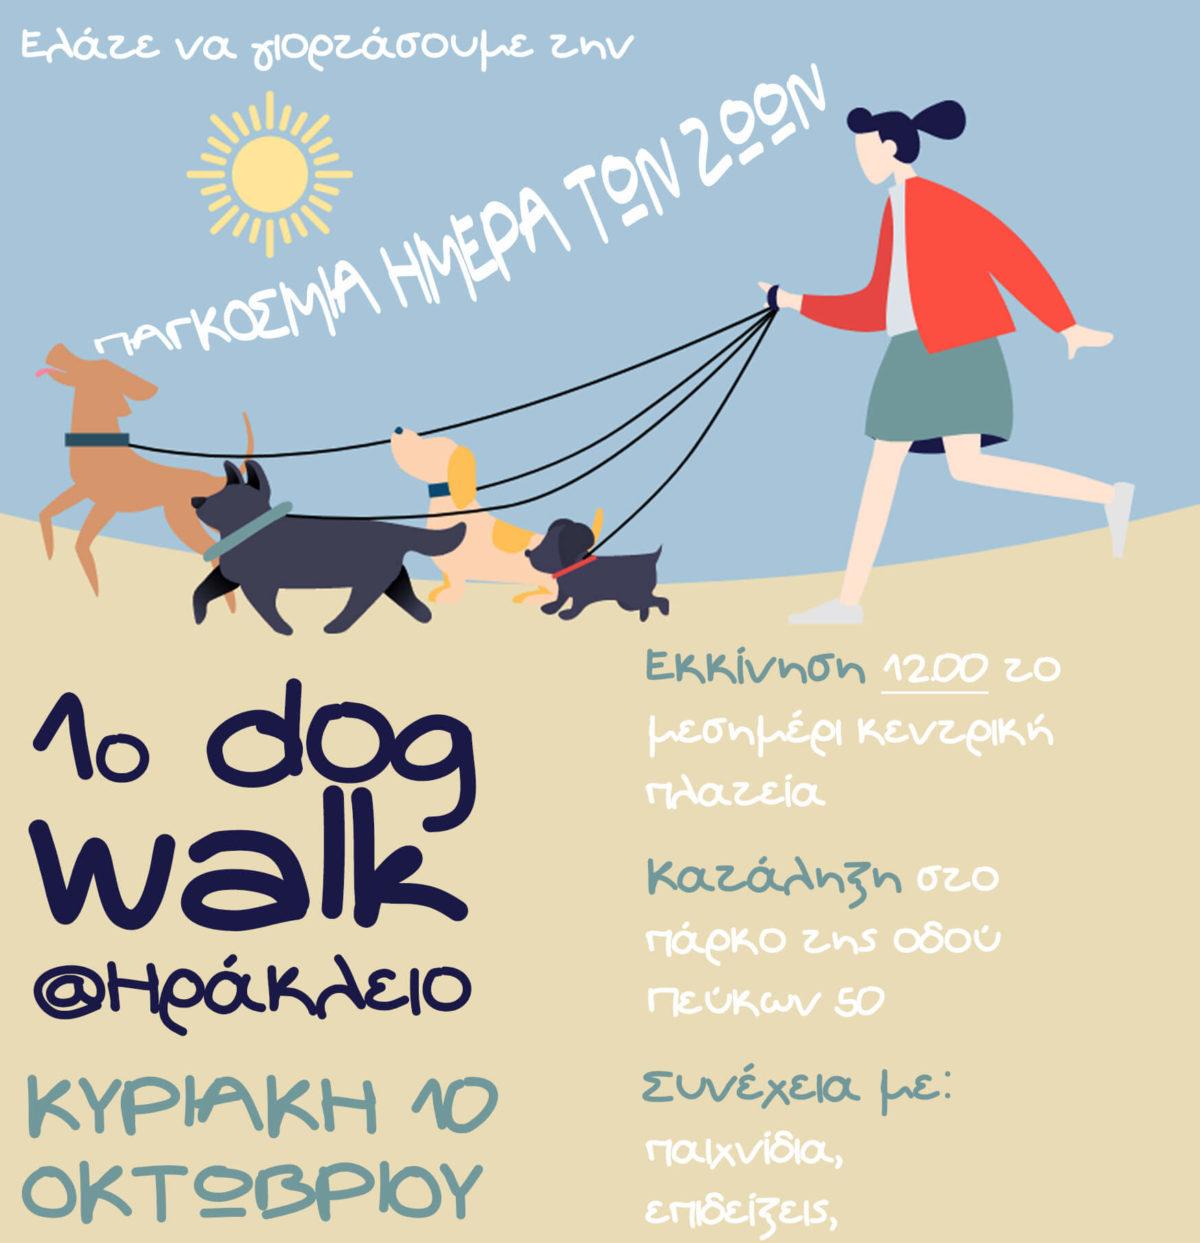 1ο Dog Walk στο Δήμο Ηρακλείου Αττικής: Κυριακή 10/10 μια ημέρα αφιερωμένη στα ζώα